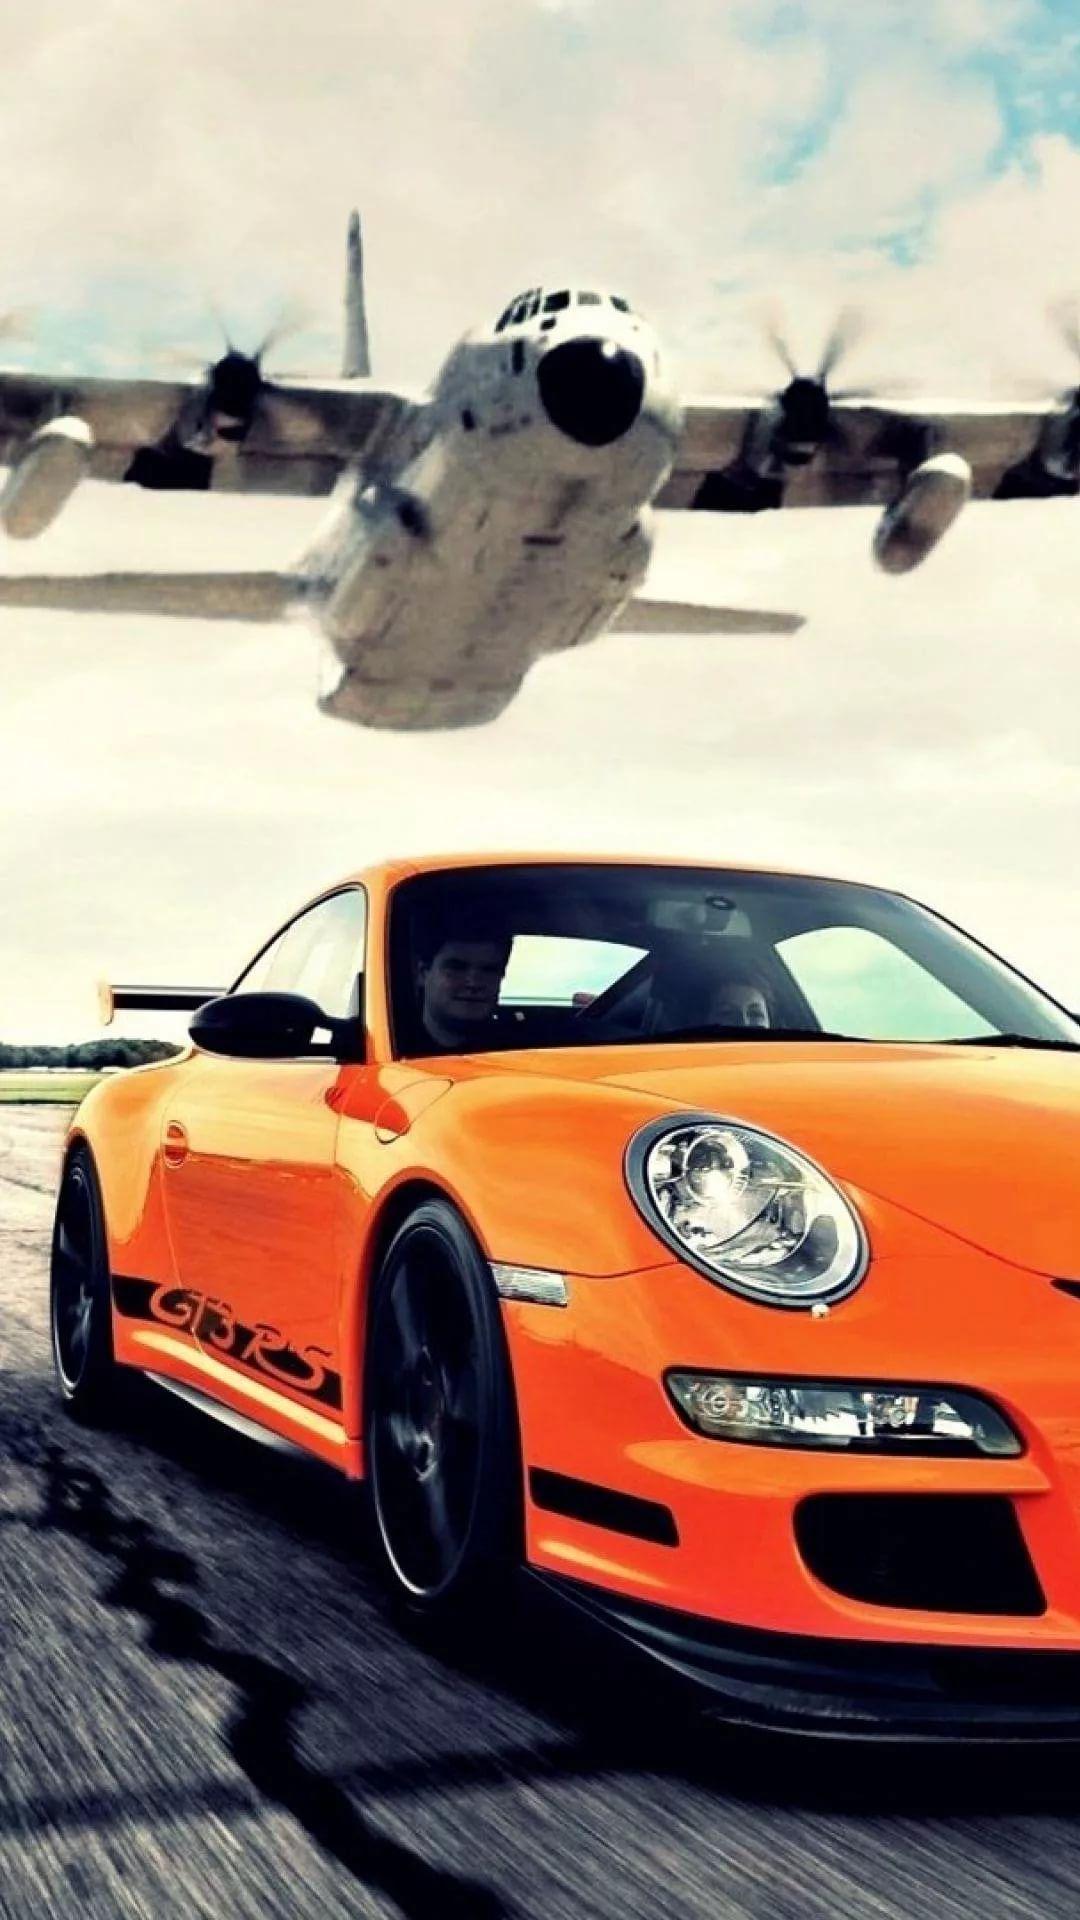 Porsche Gt3 Rs iPhone 6 wallpaper